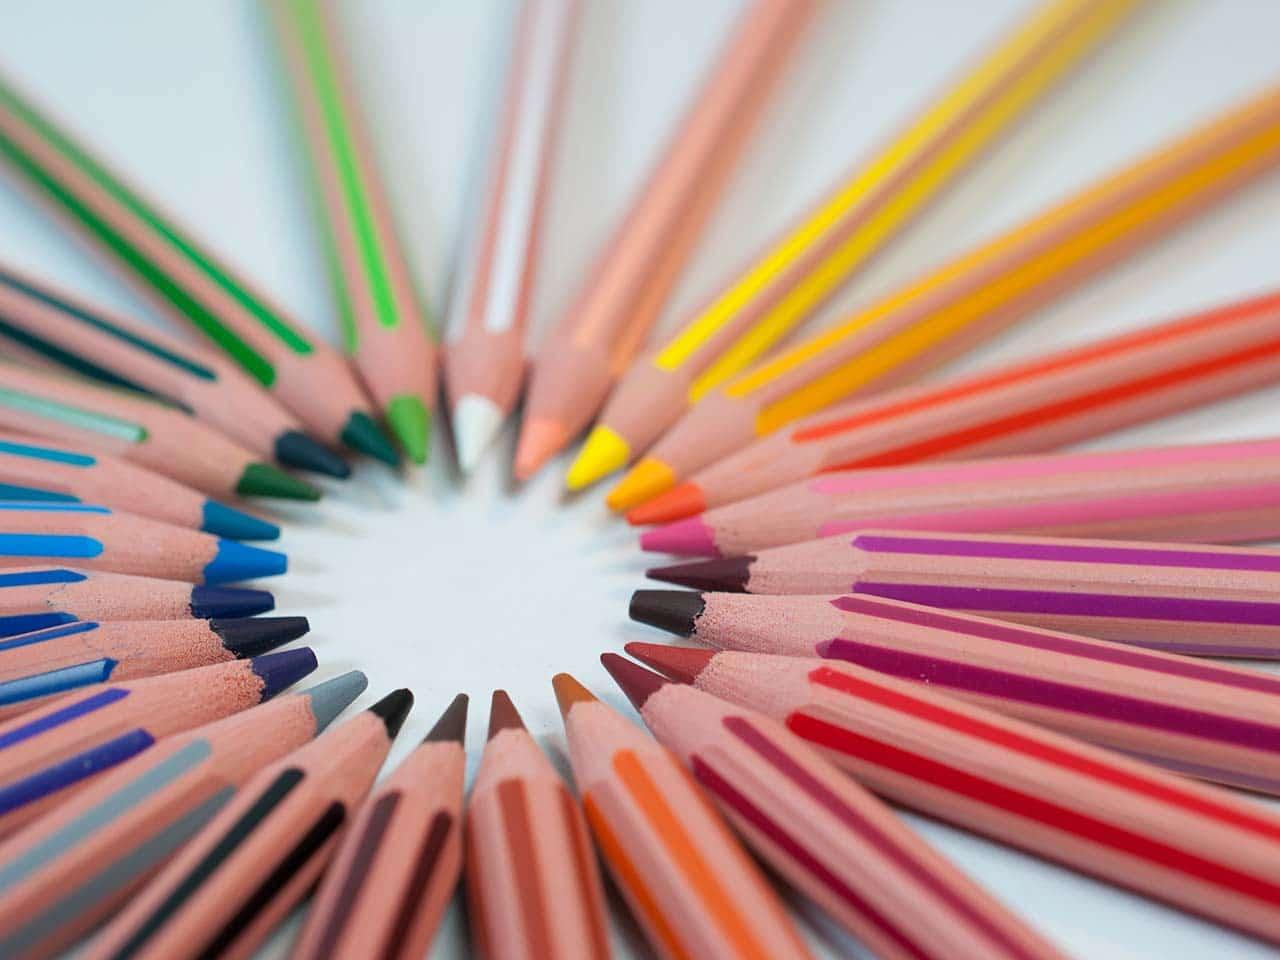 seo byråer er som fargeblyanter. De er mange og forskjellige